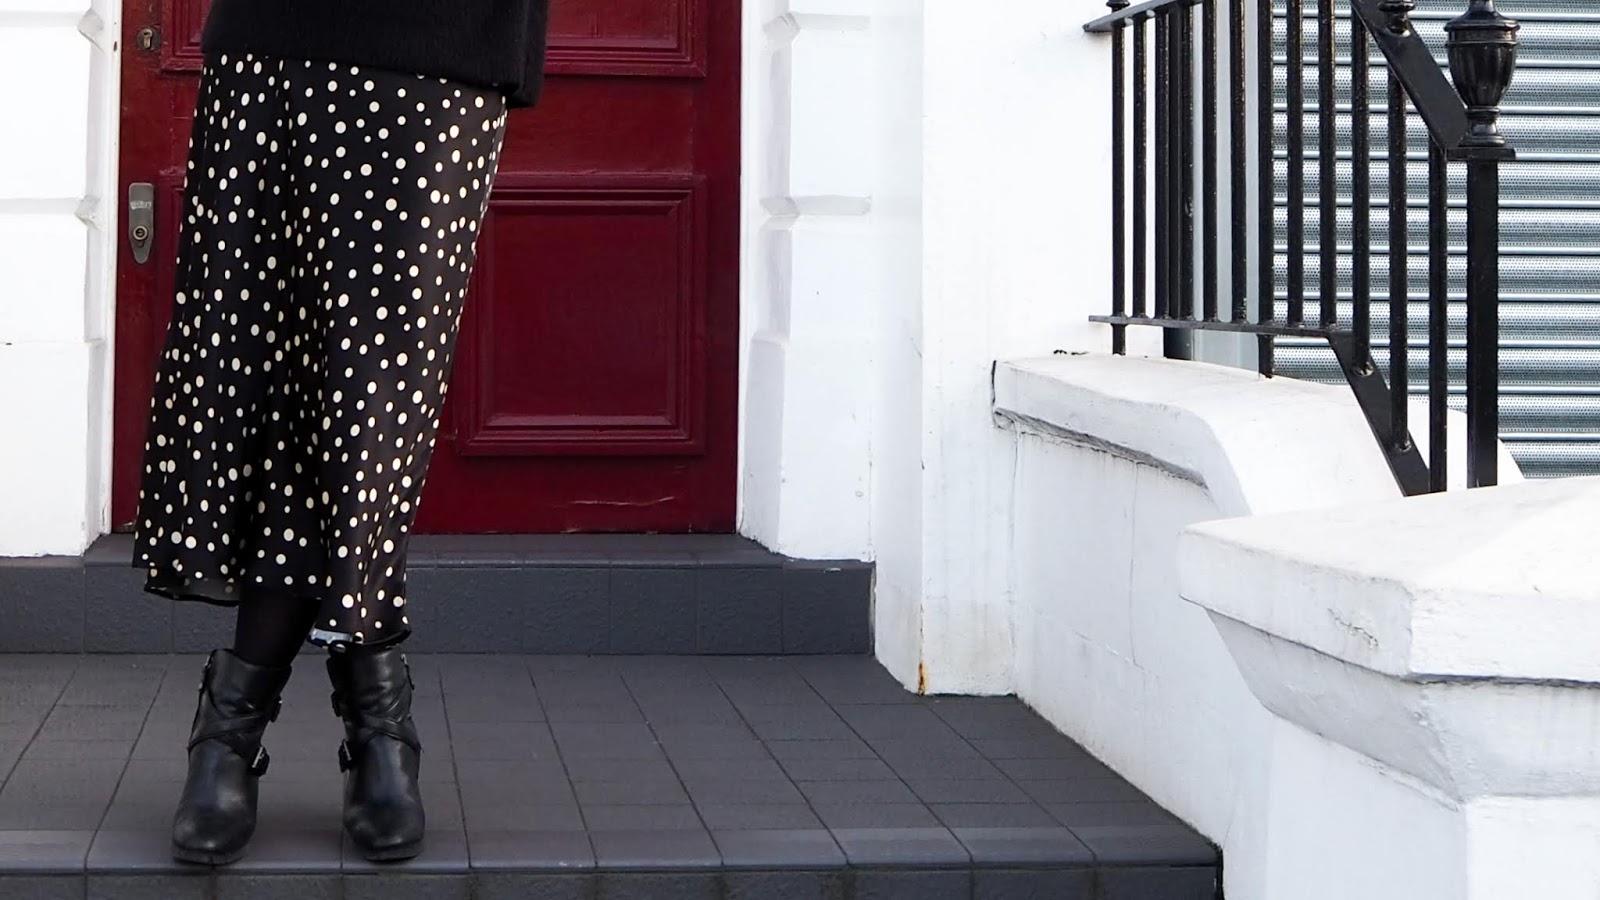 Satin bias cut polka dot skirt close-up